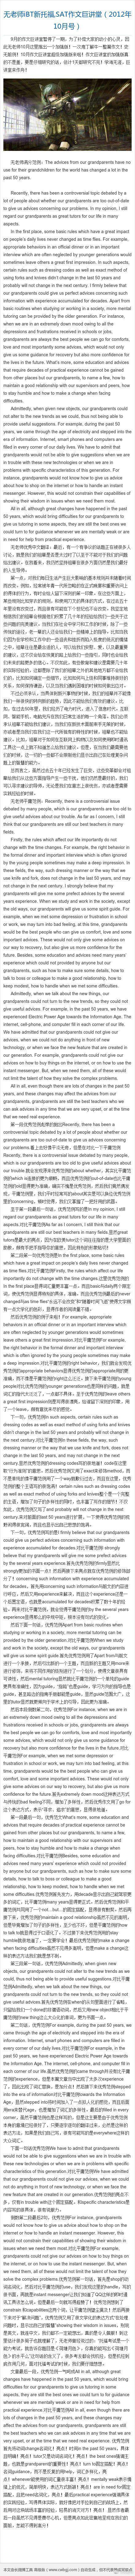 无老师iBT新托福,SAT作文巨讲堂(2012年10月号)